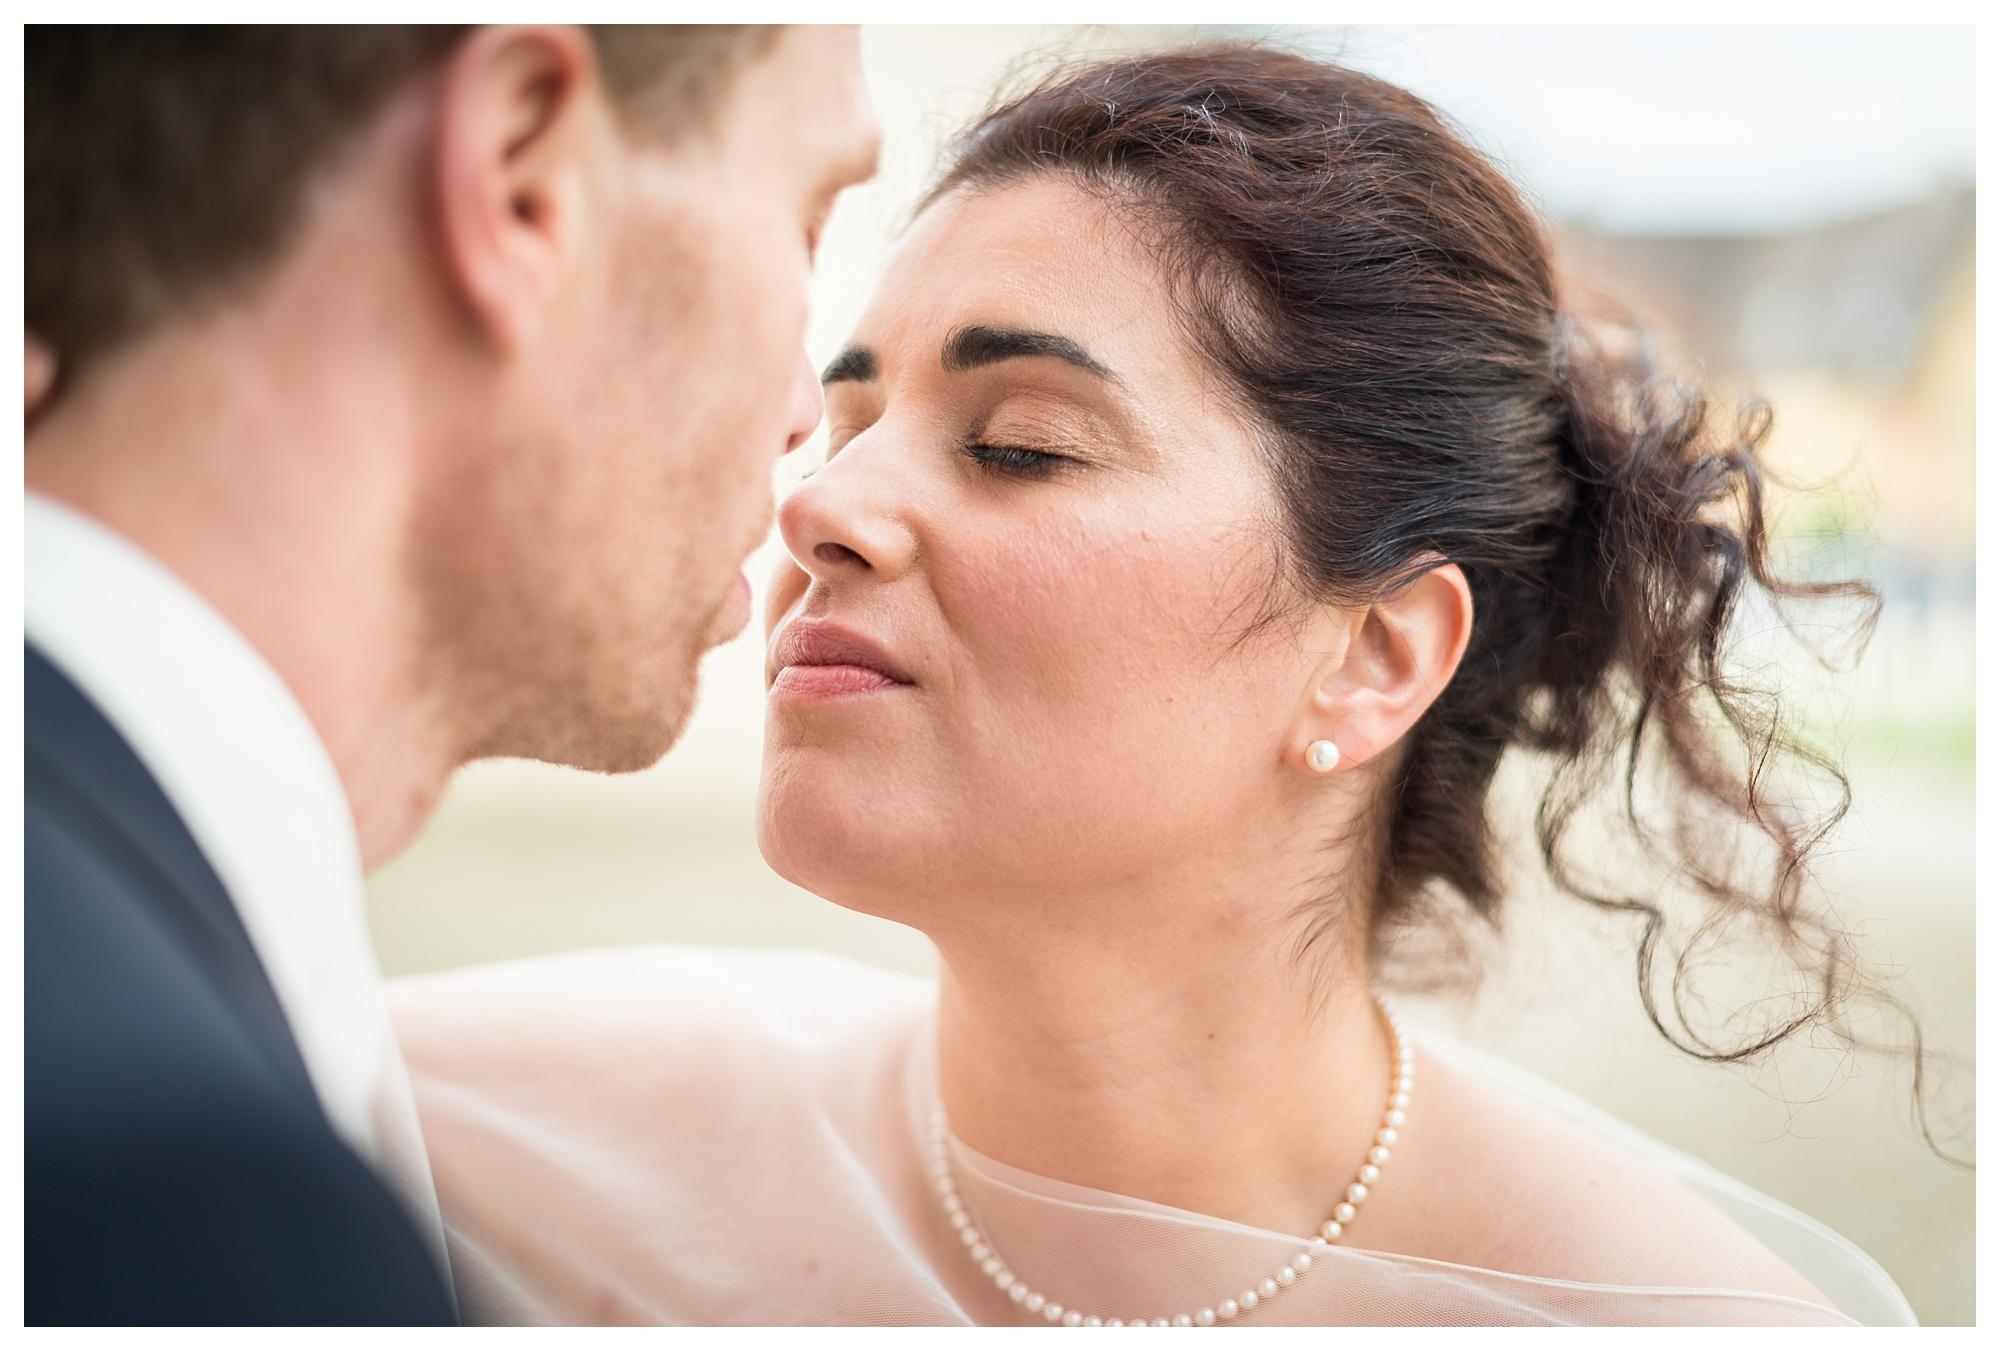 Fotograf Konstanz - Hochzeit Tanja Elmar Elmar Feuerbacher Photography Konstanz Messkirch Highlights 083 - Hochzeitsreportage von Tanja und Elmar im Schloss Meßkirch  - 184 -